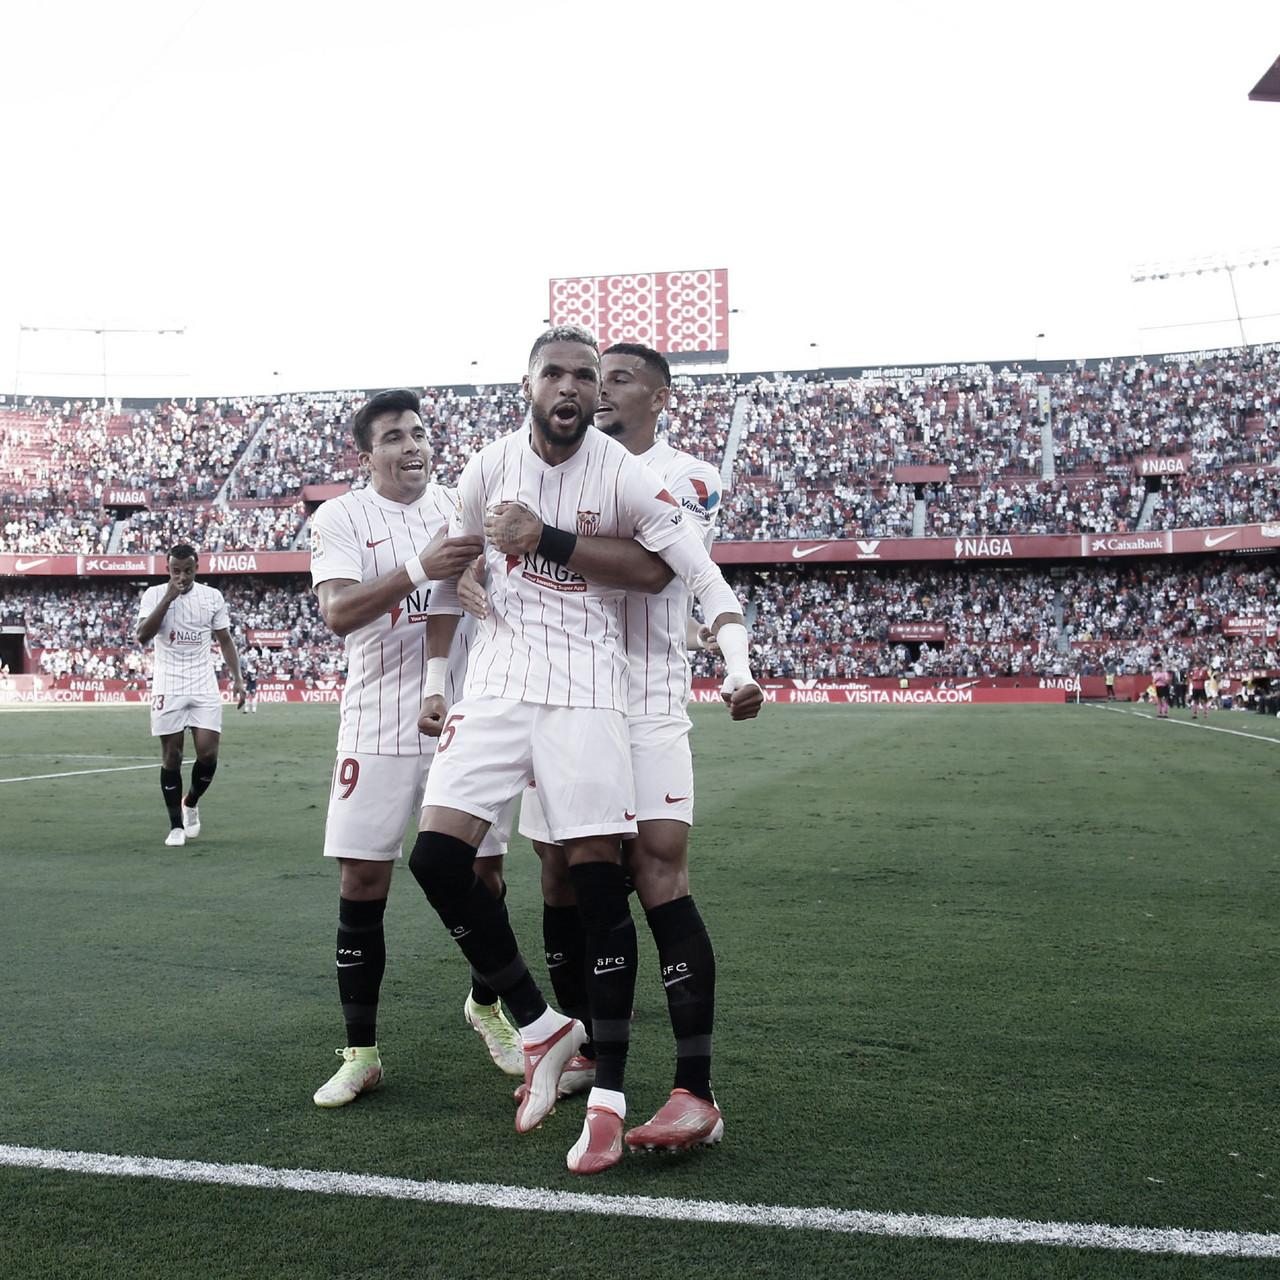 Resumen Sevilla FC vs RCD Espanyol en LaLiga 2020/21 (2-0)